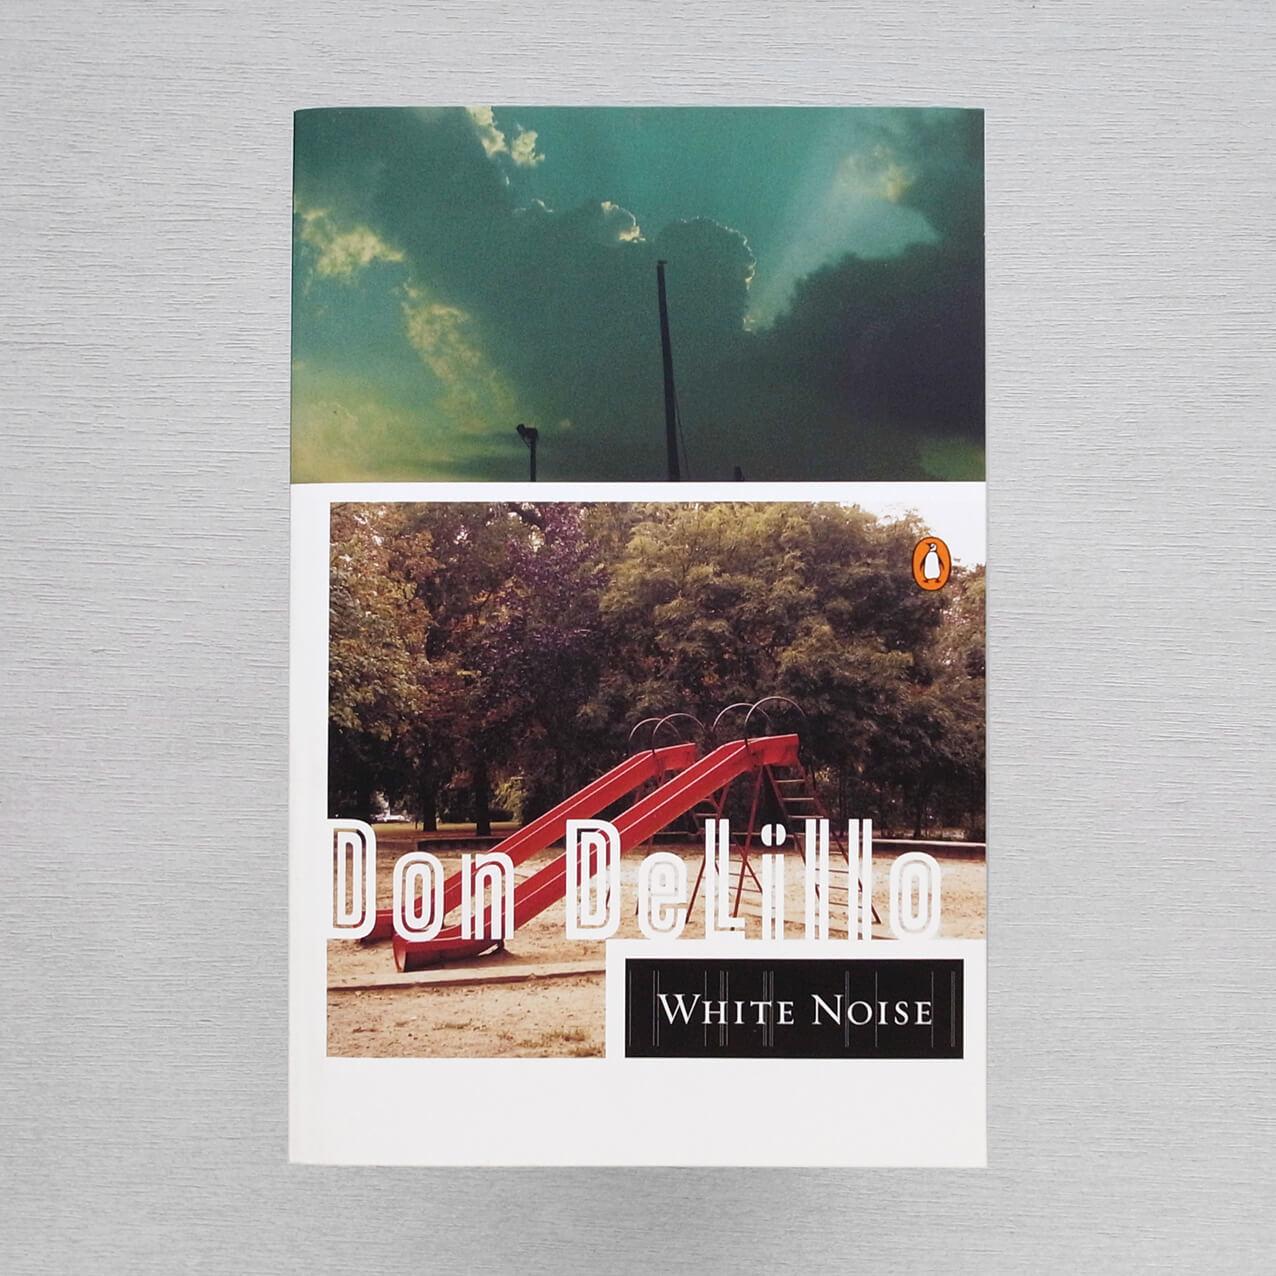 DonDelillo-WhiteNoise-PenguinBook.jpg